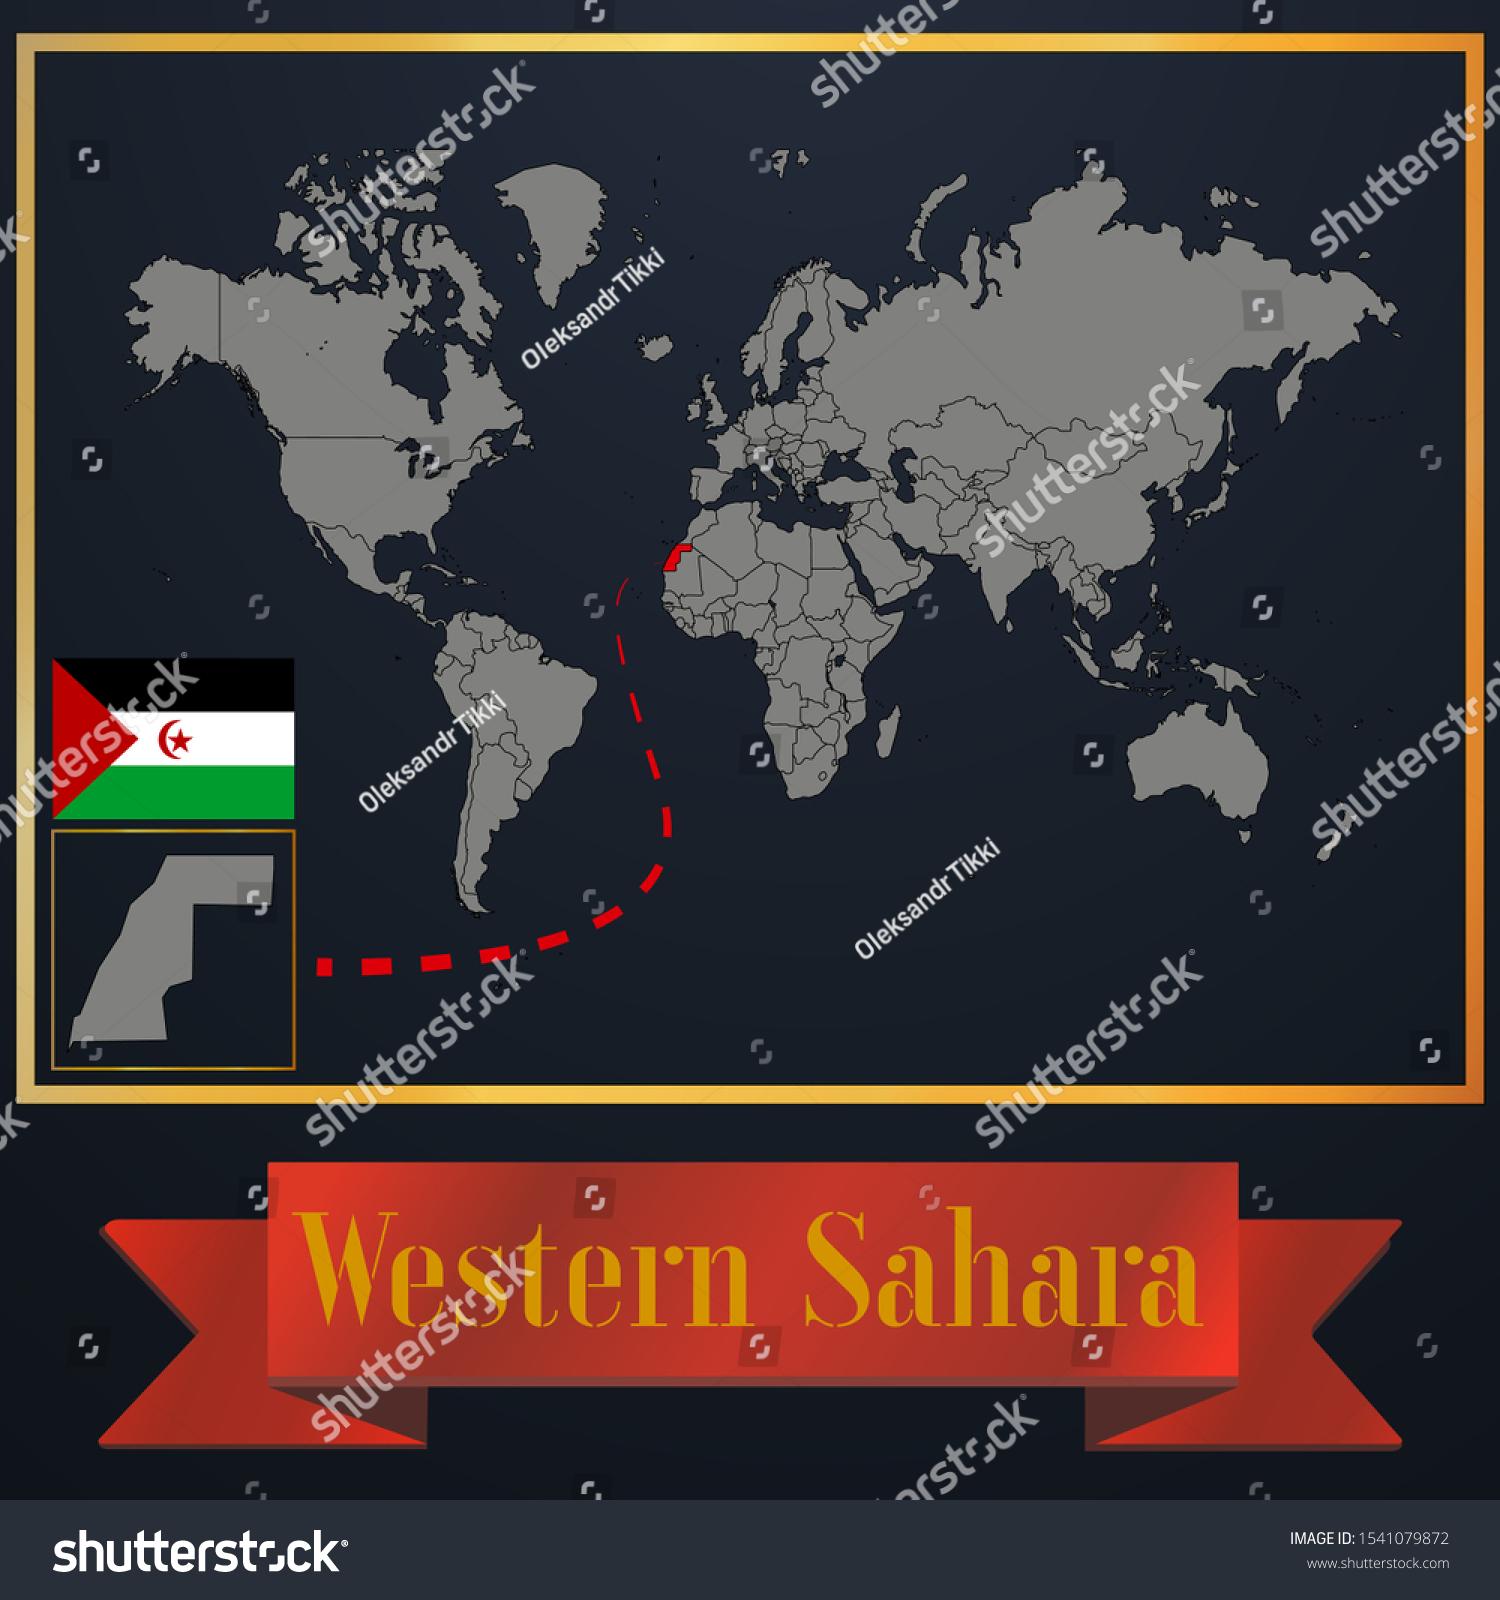 Image of: Vector De Stock Libre De Regalias Sobre Western Sahara Sahrawi Arab Democratic Republic1541079872